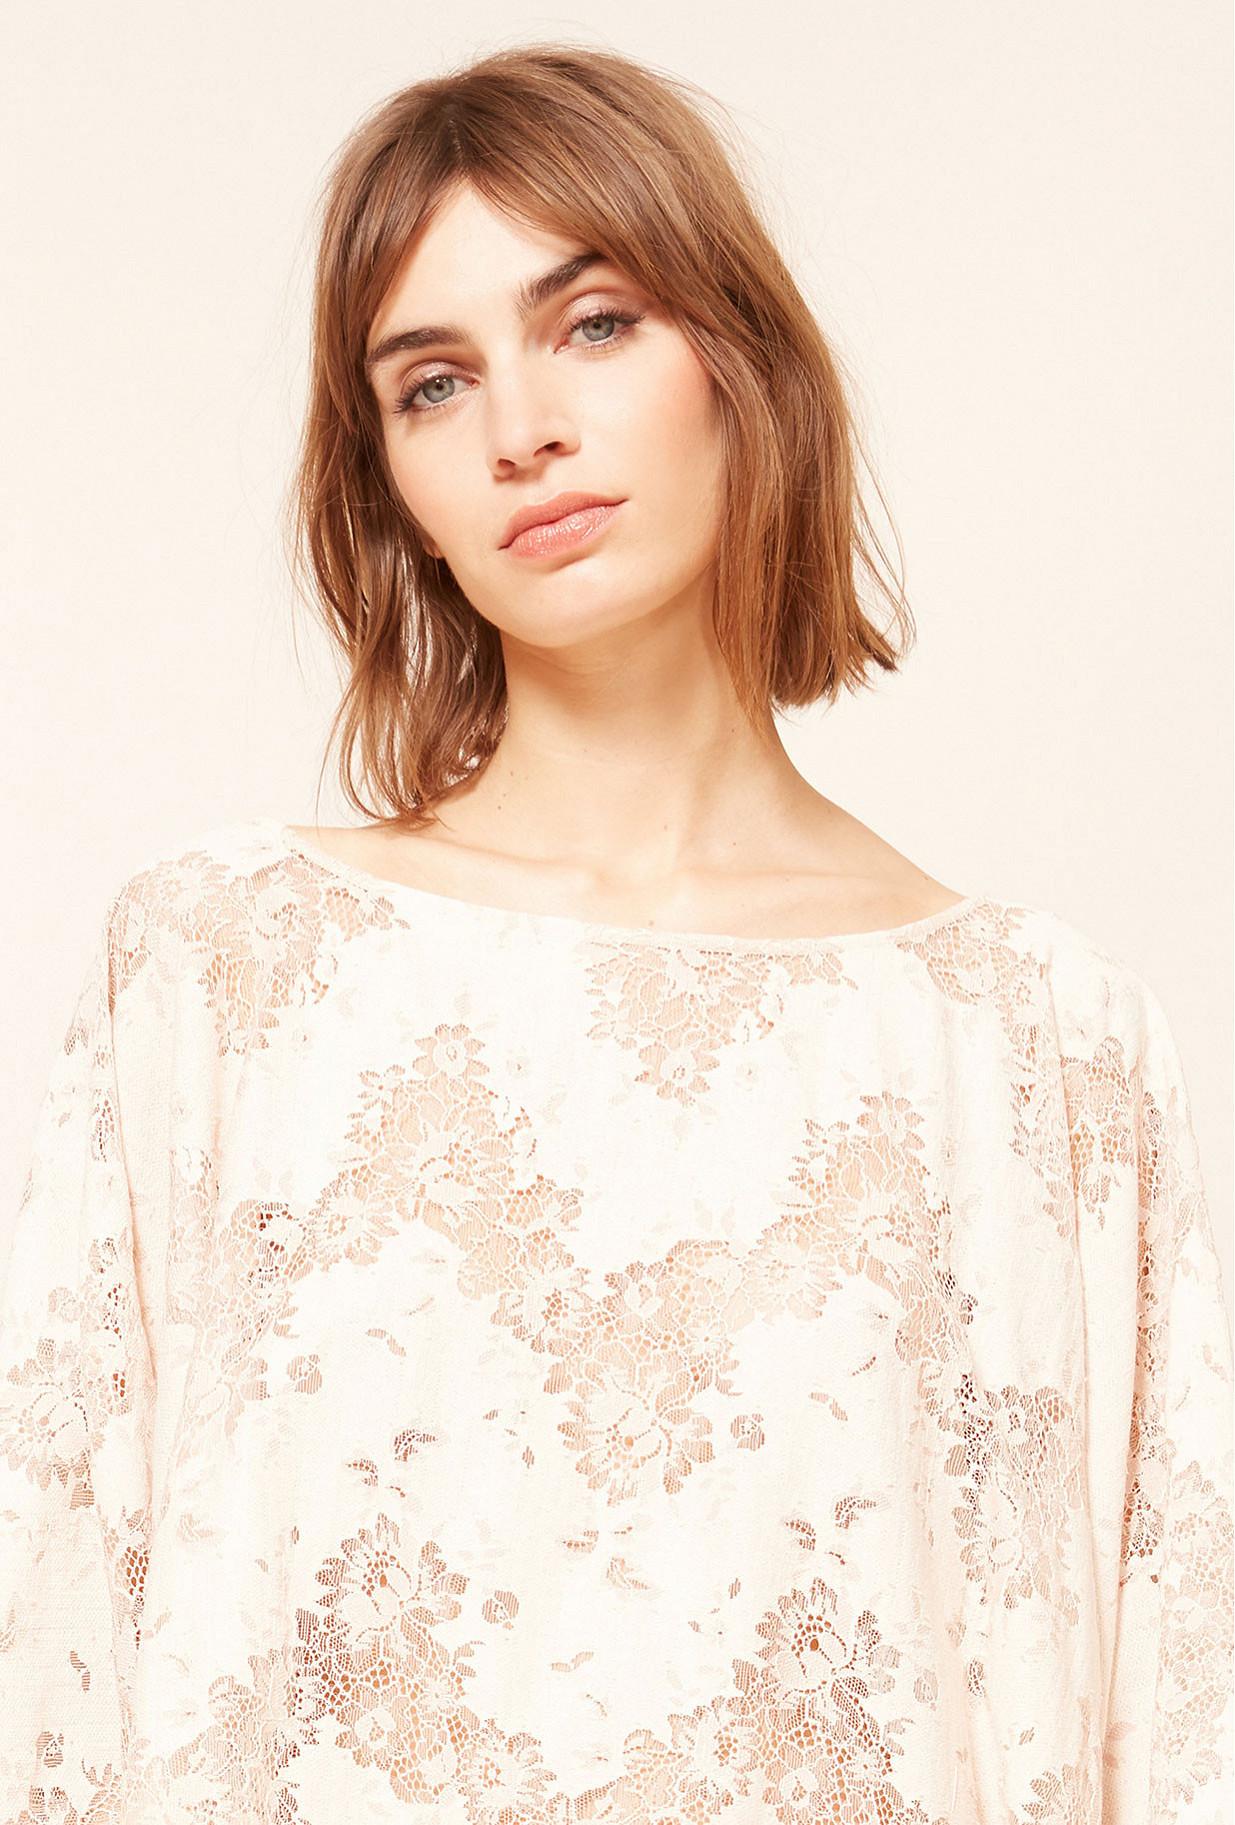 Paris boutique de mode vêtement Poncho créateur bohème  Alina